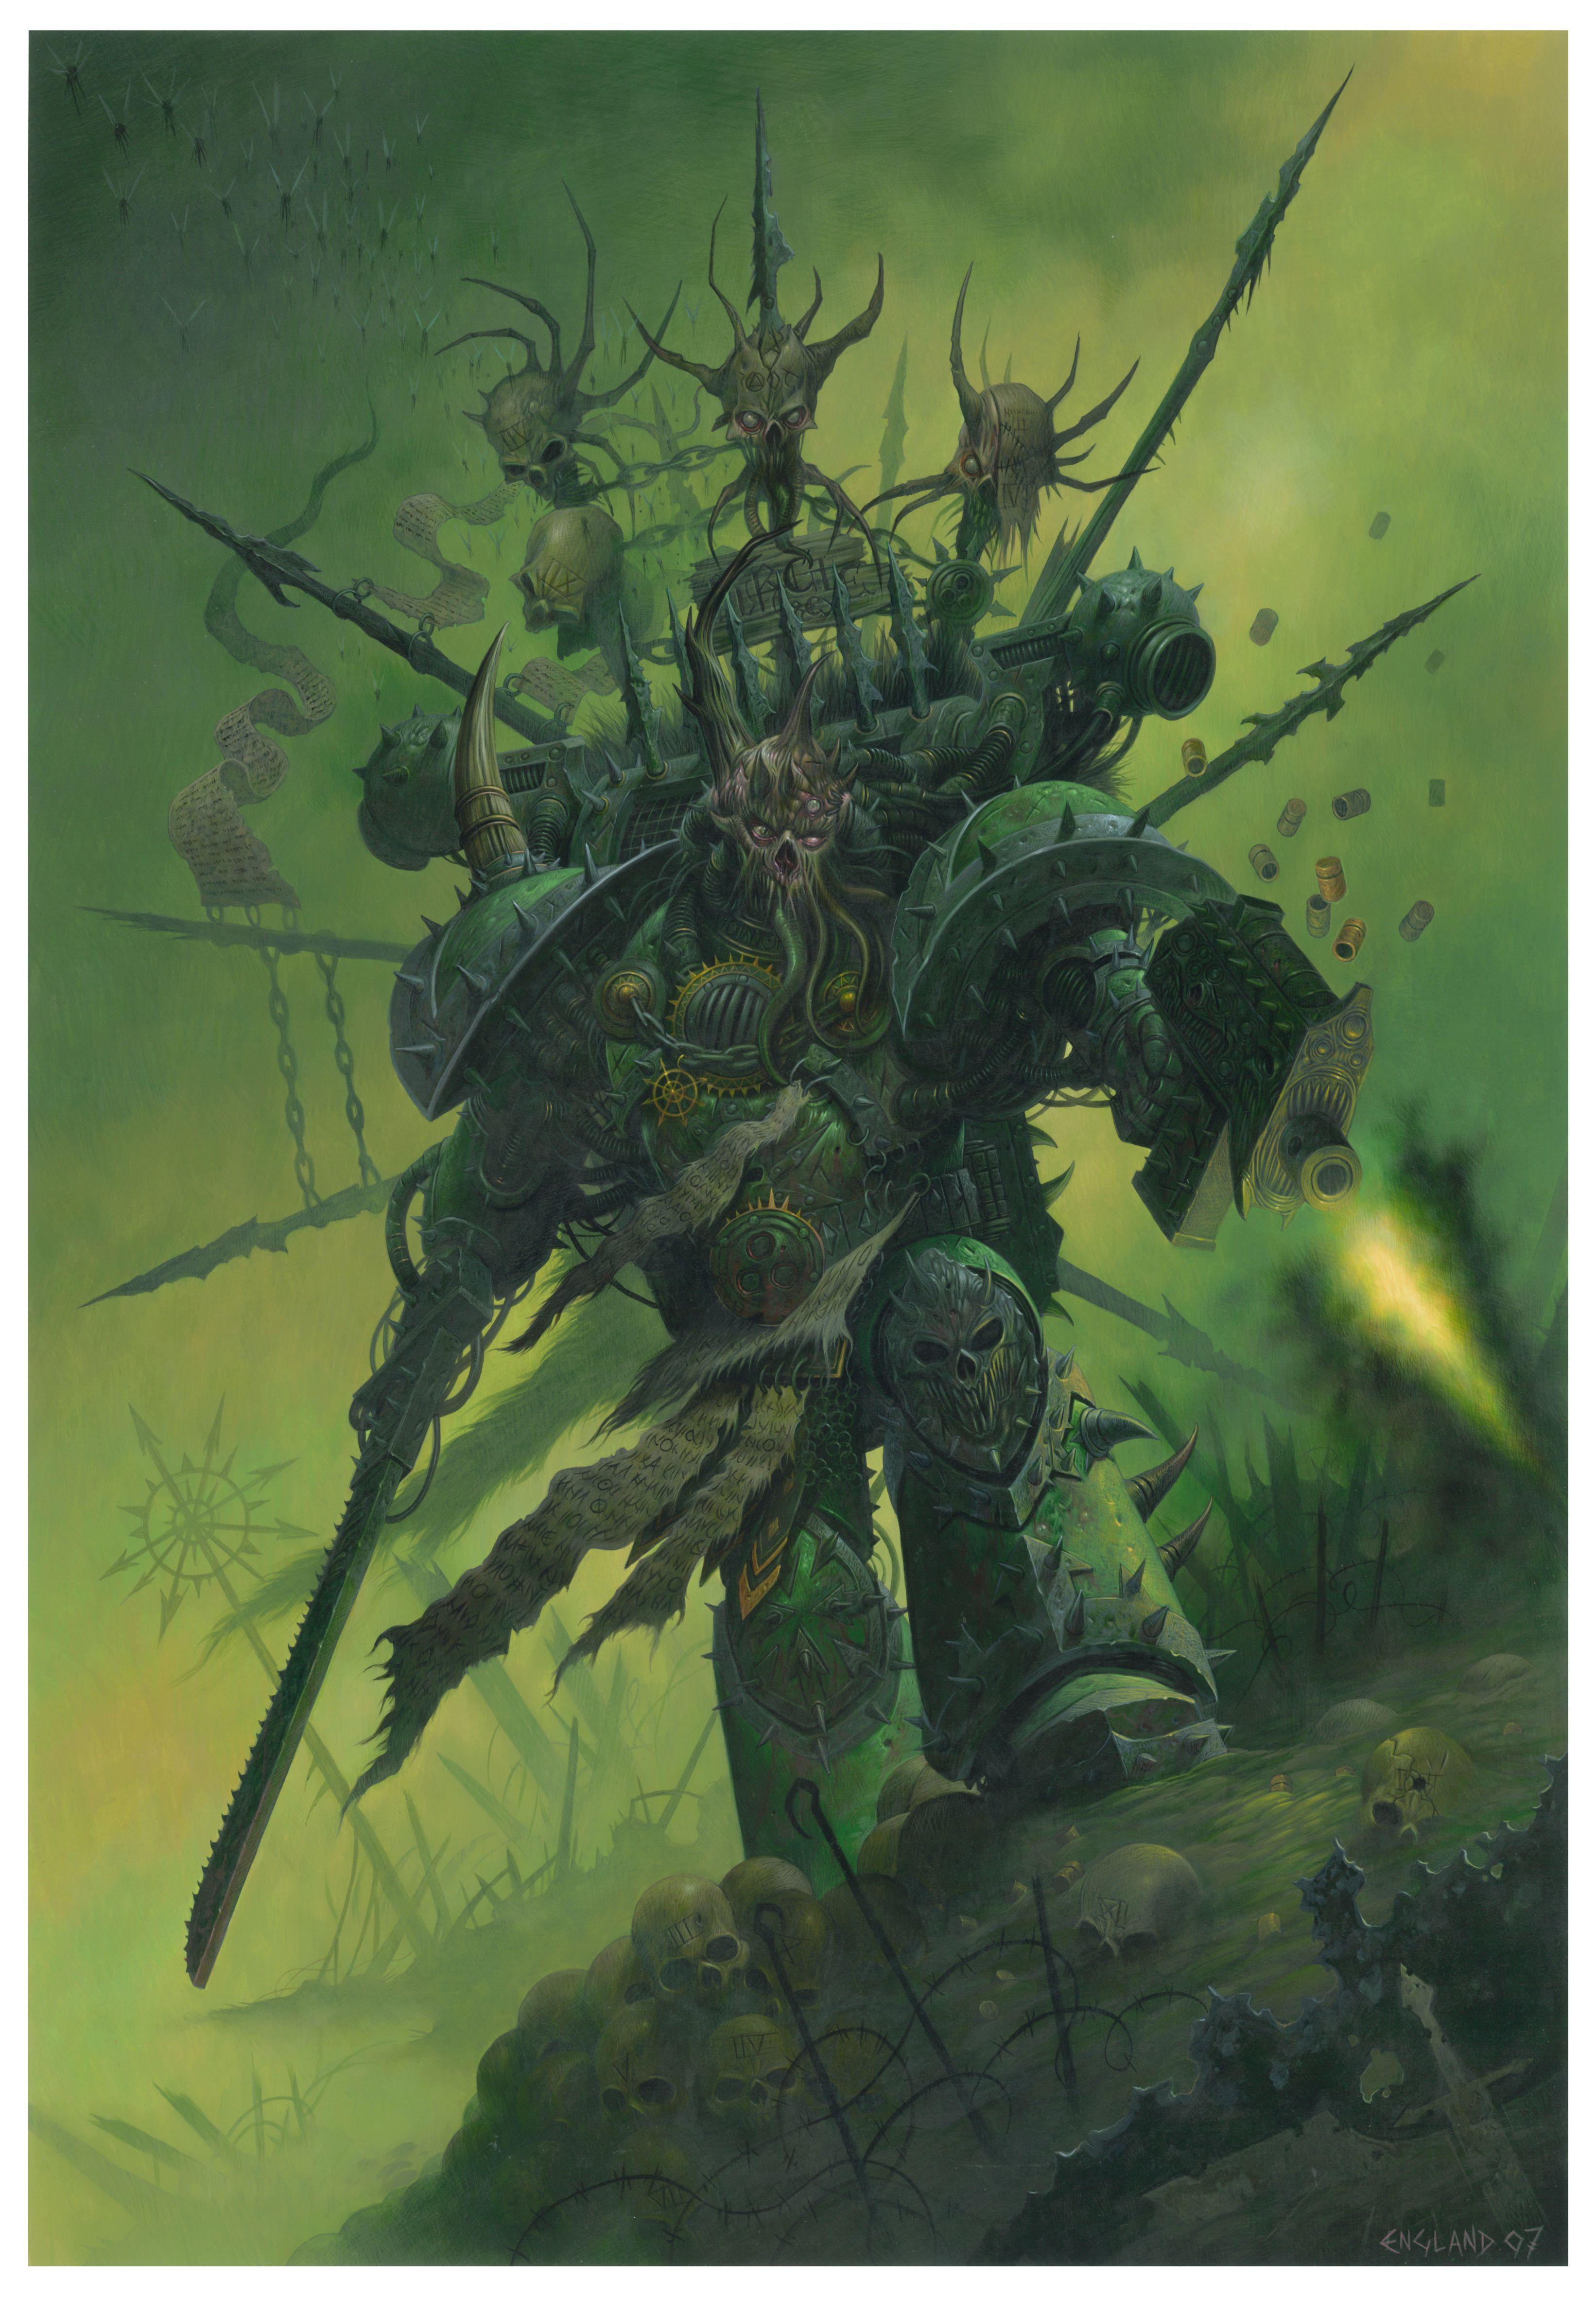 [ CDA - Kalidus ] Black légion - Page 2 Plaguemarinedeathguardb